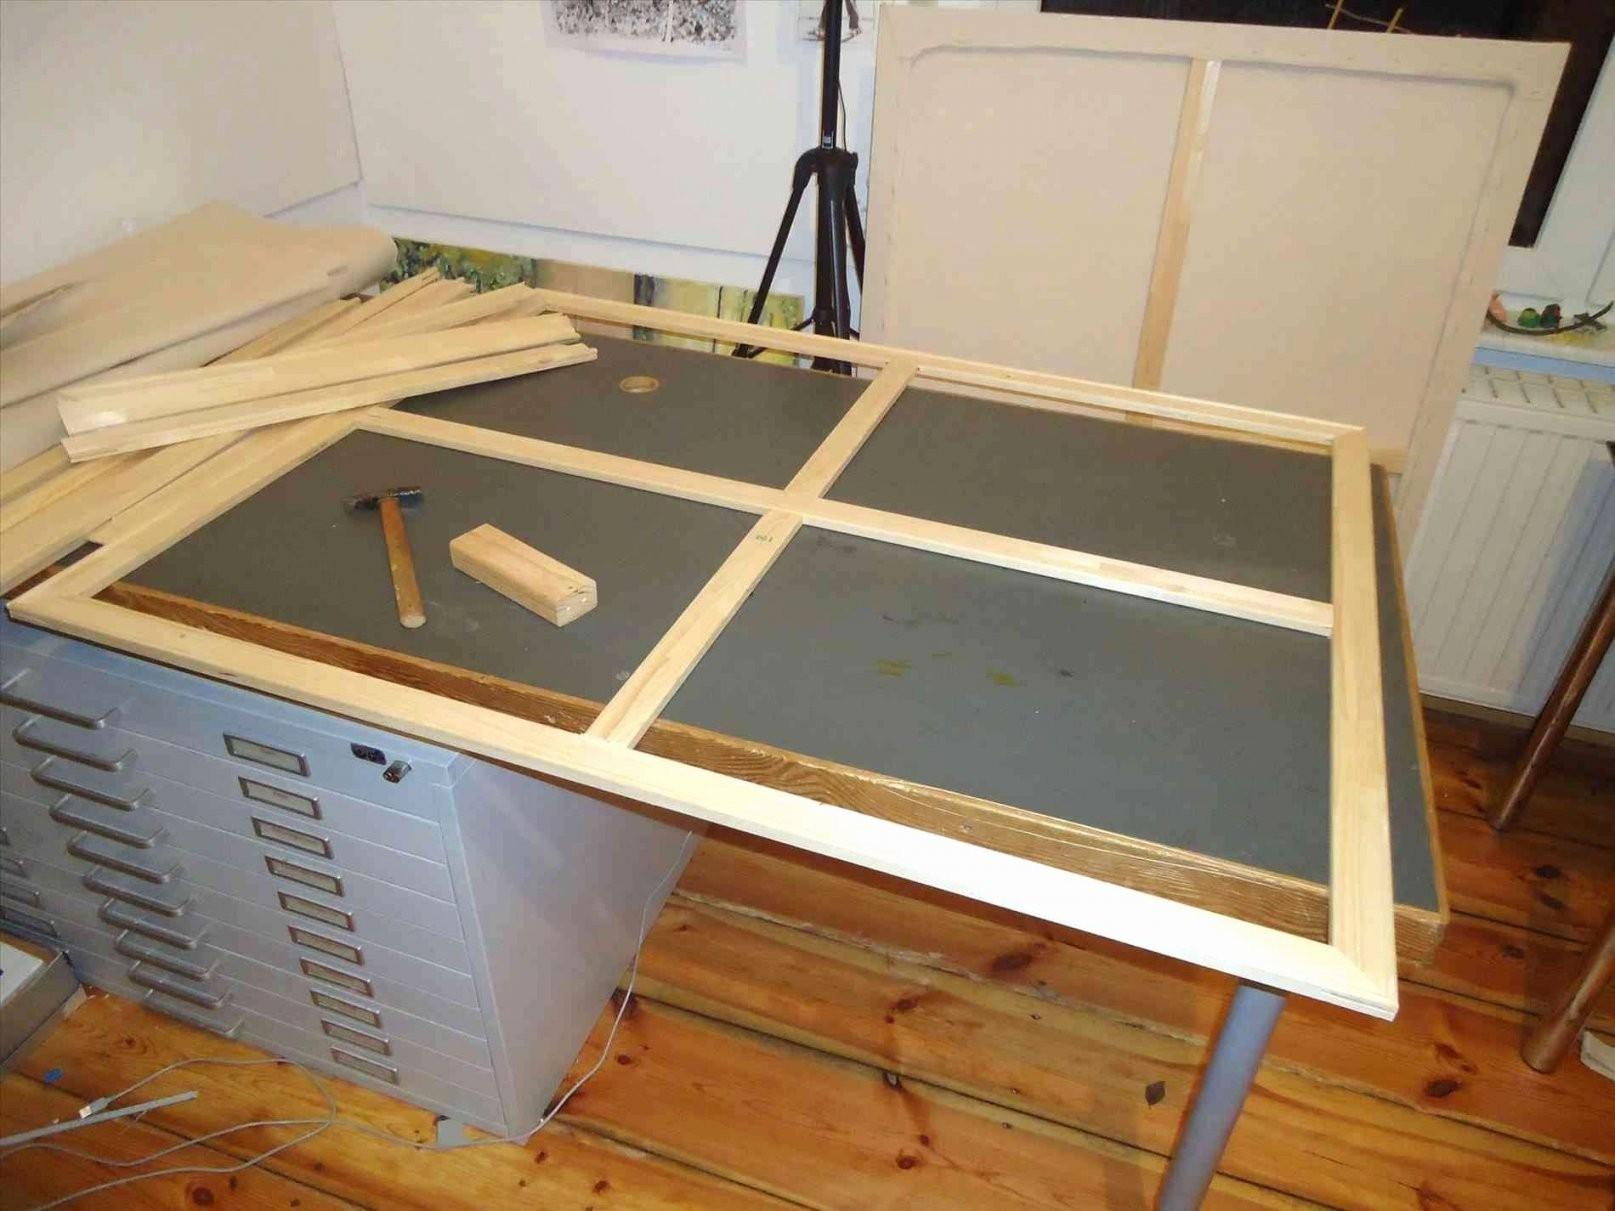 Gallery Of 60 Klappbett 140X200 Selber Bauen Weintourinfo  Bett von Bett Selber Bauen 180X200 Bild